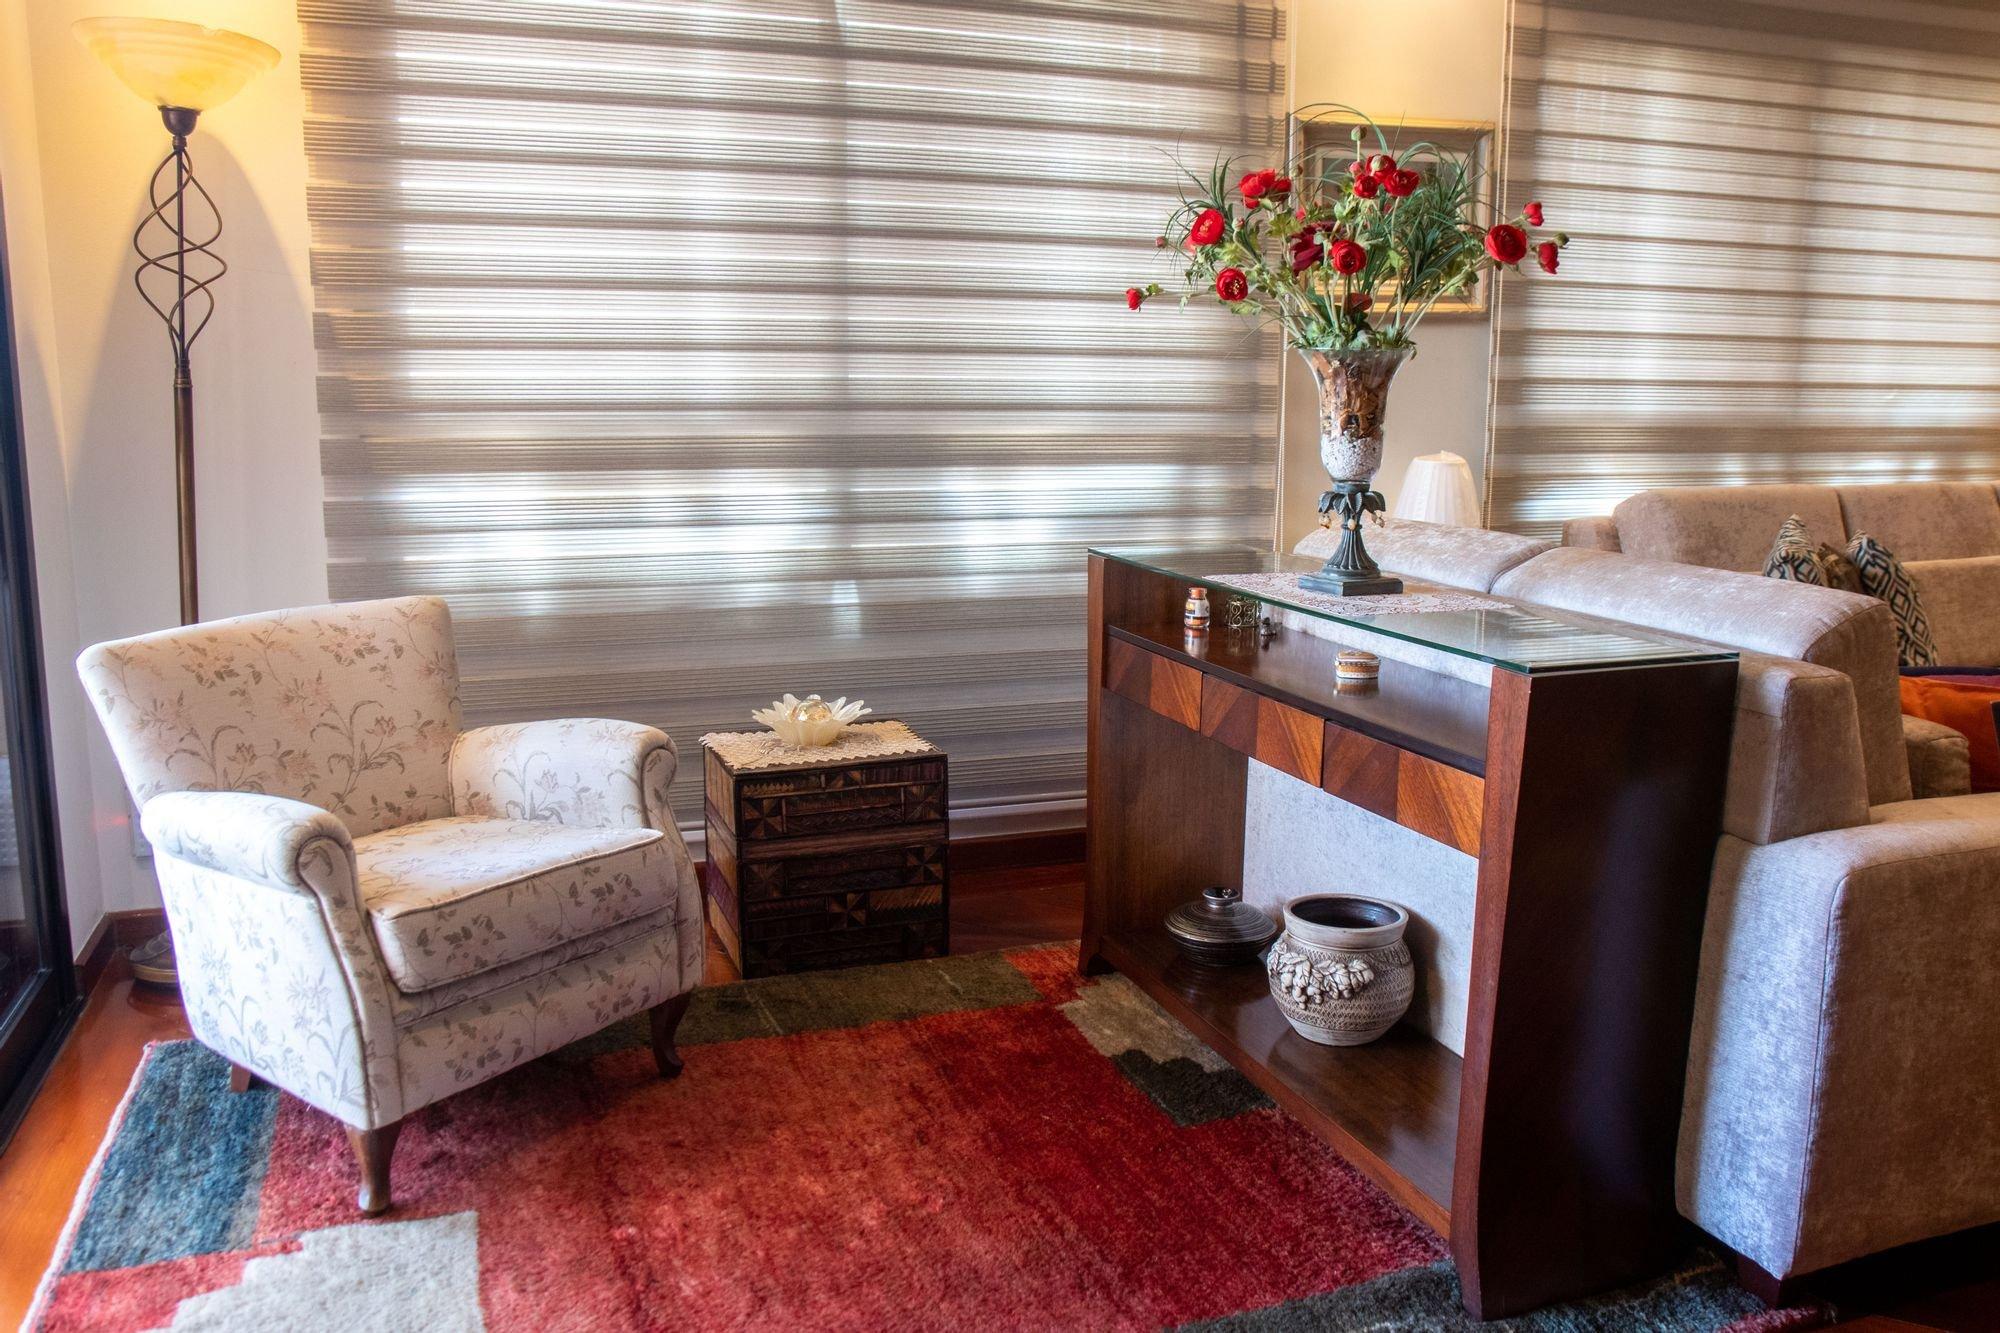 Foto de Sala com cadeira, vaso